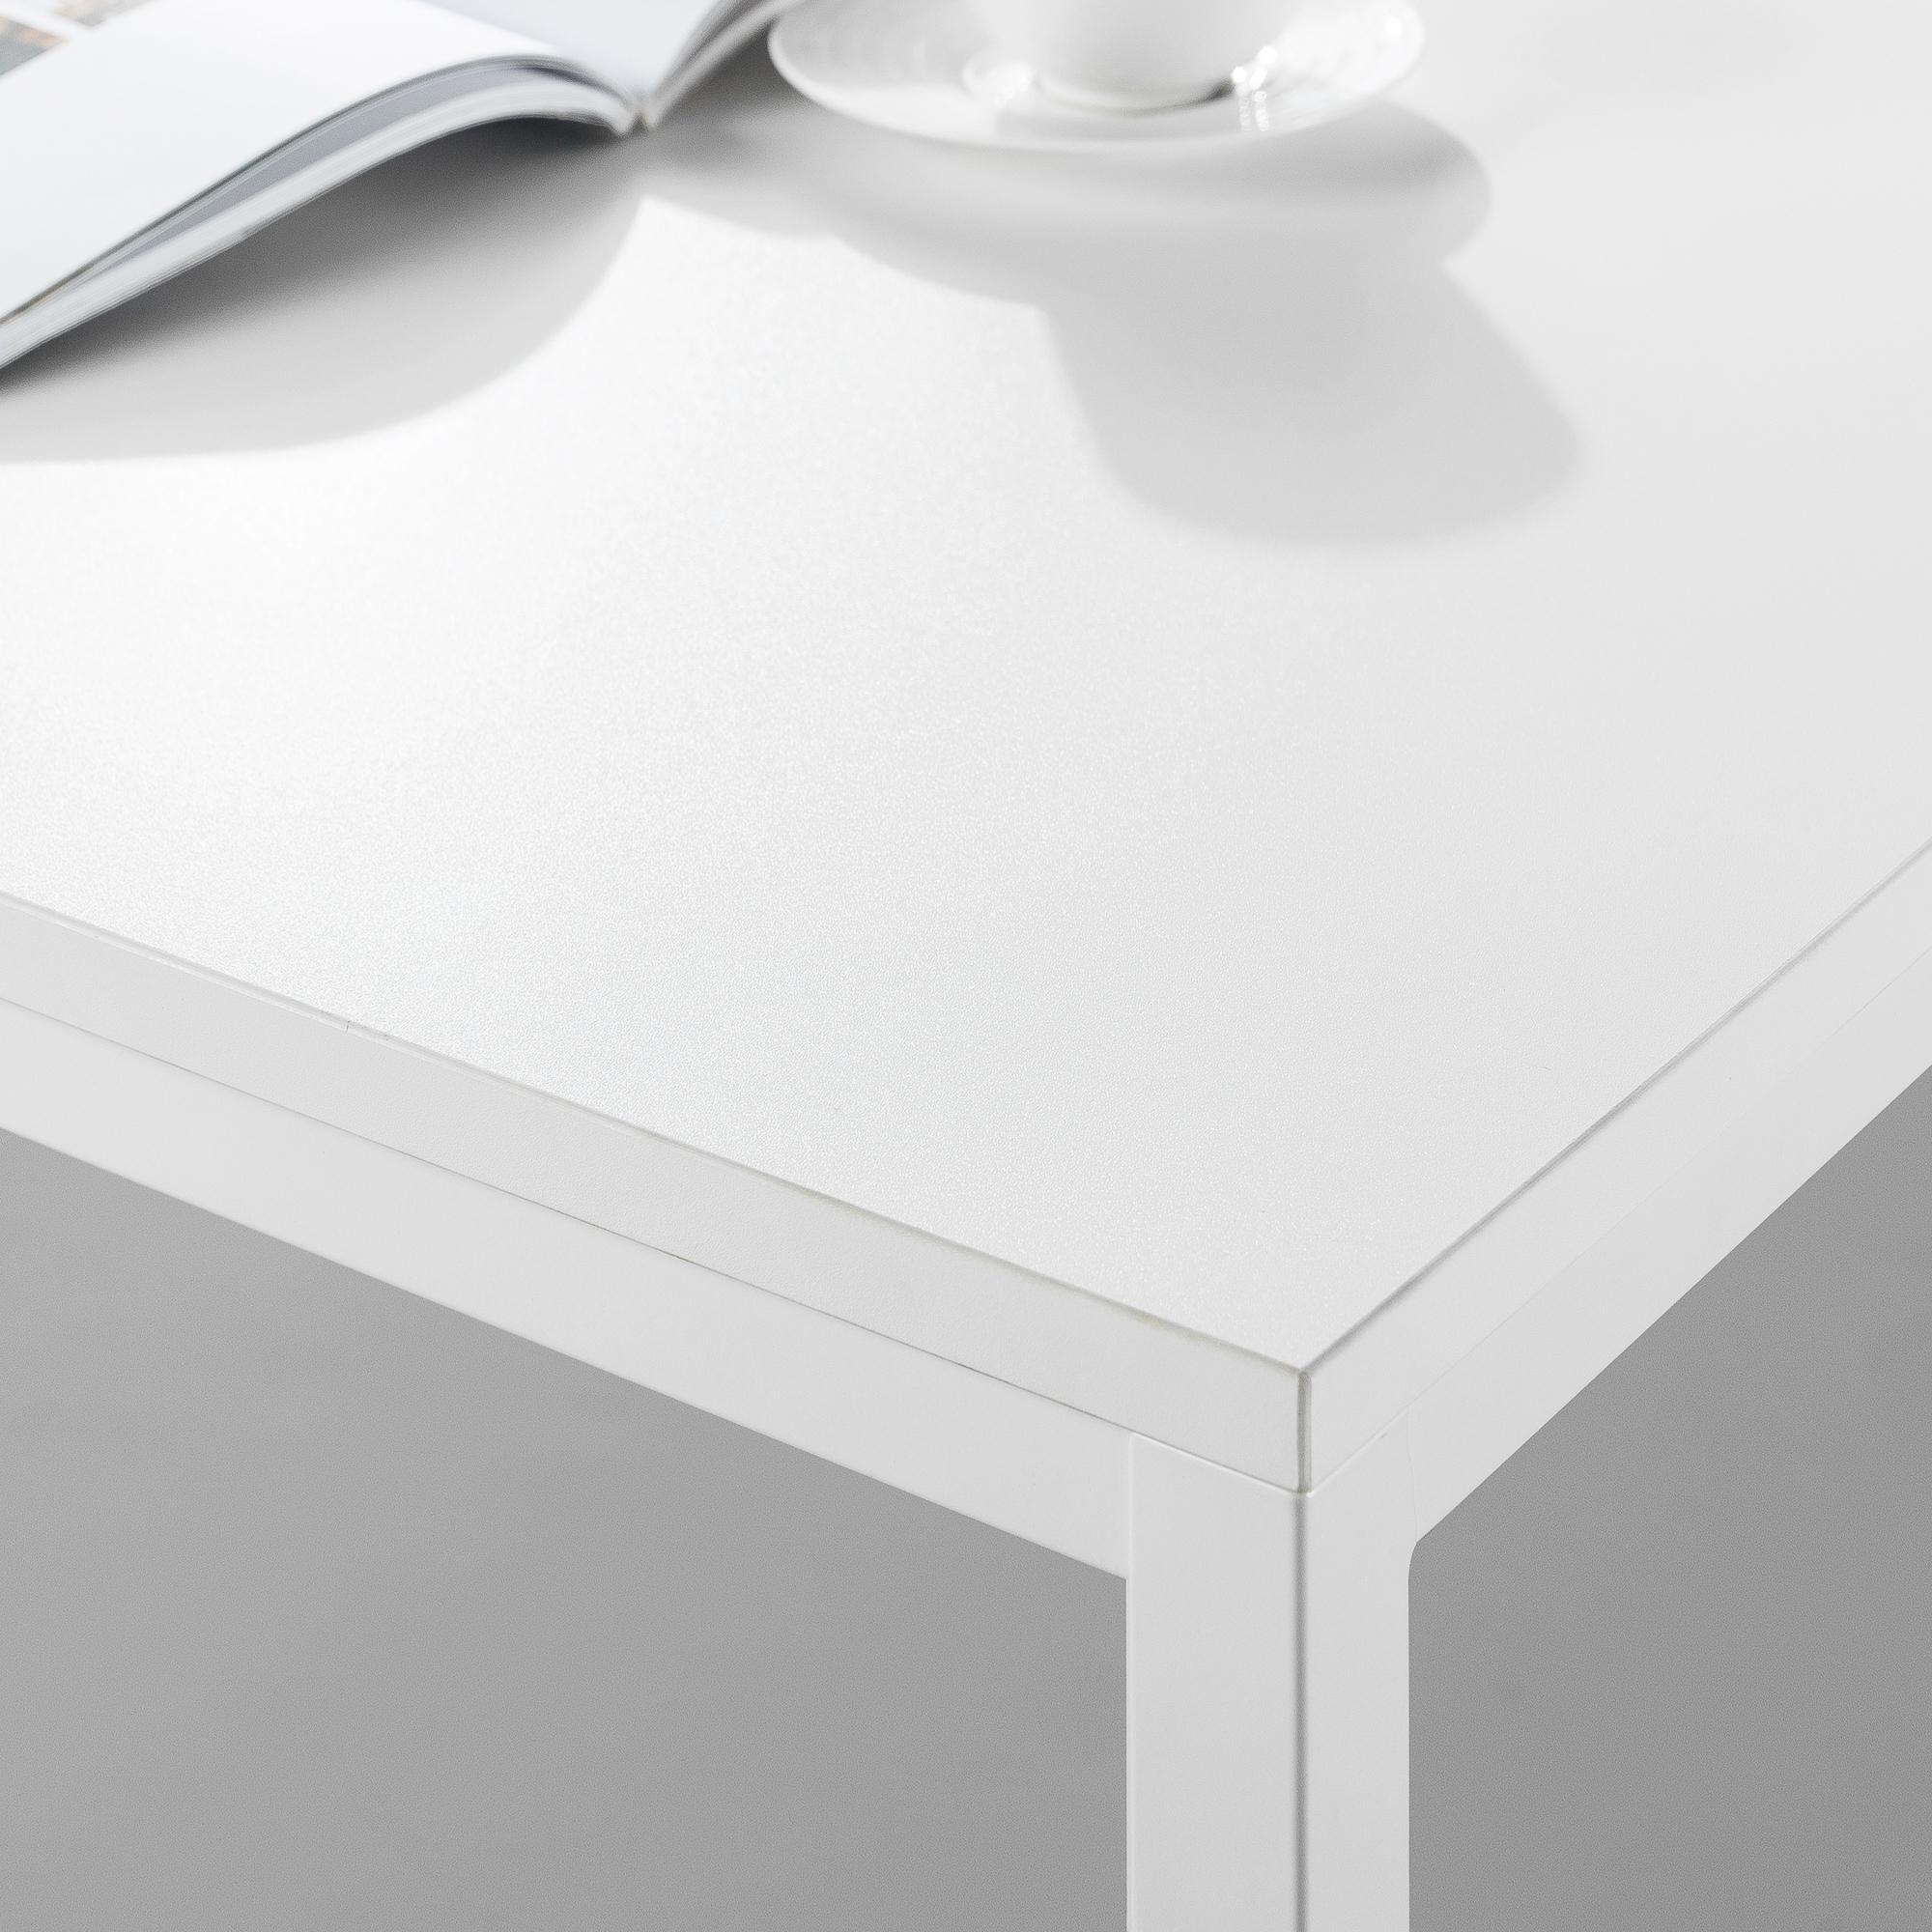 NEW-Harper-Wood-amp-Steel-Desk-Studio-Home-Desks thumbnail 4